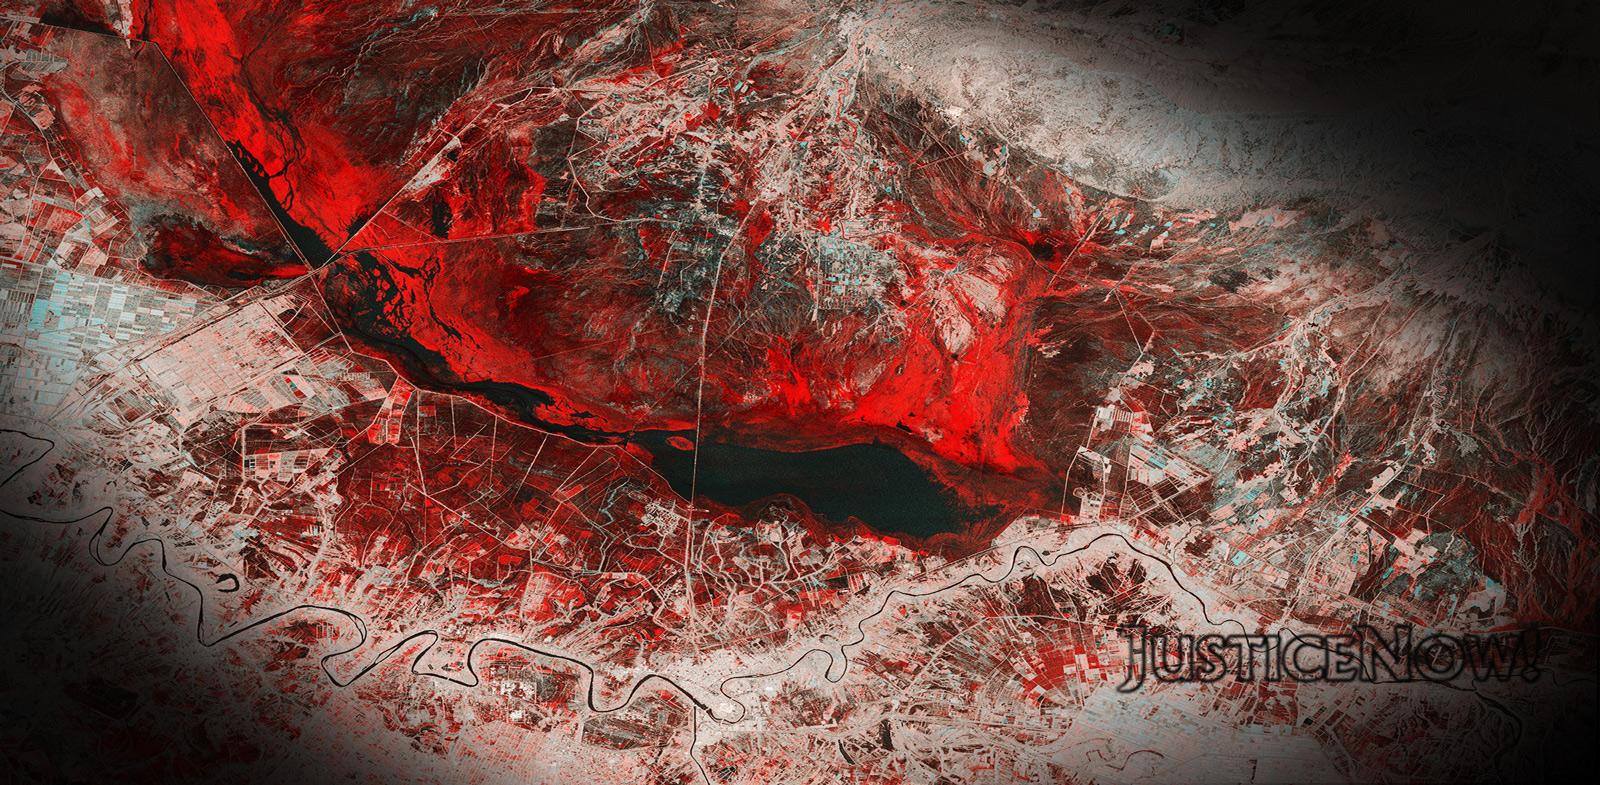 Die Klimakrise im Irak: Krieg, Wasser und Widerstand <br>  <span id='sec-title'>Invasion, Neoliberalismus, Korruption</span>